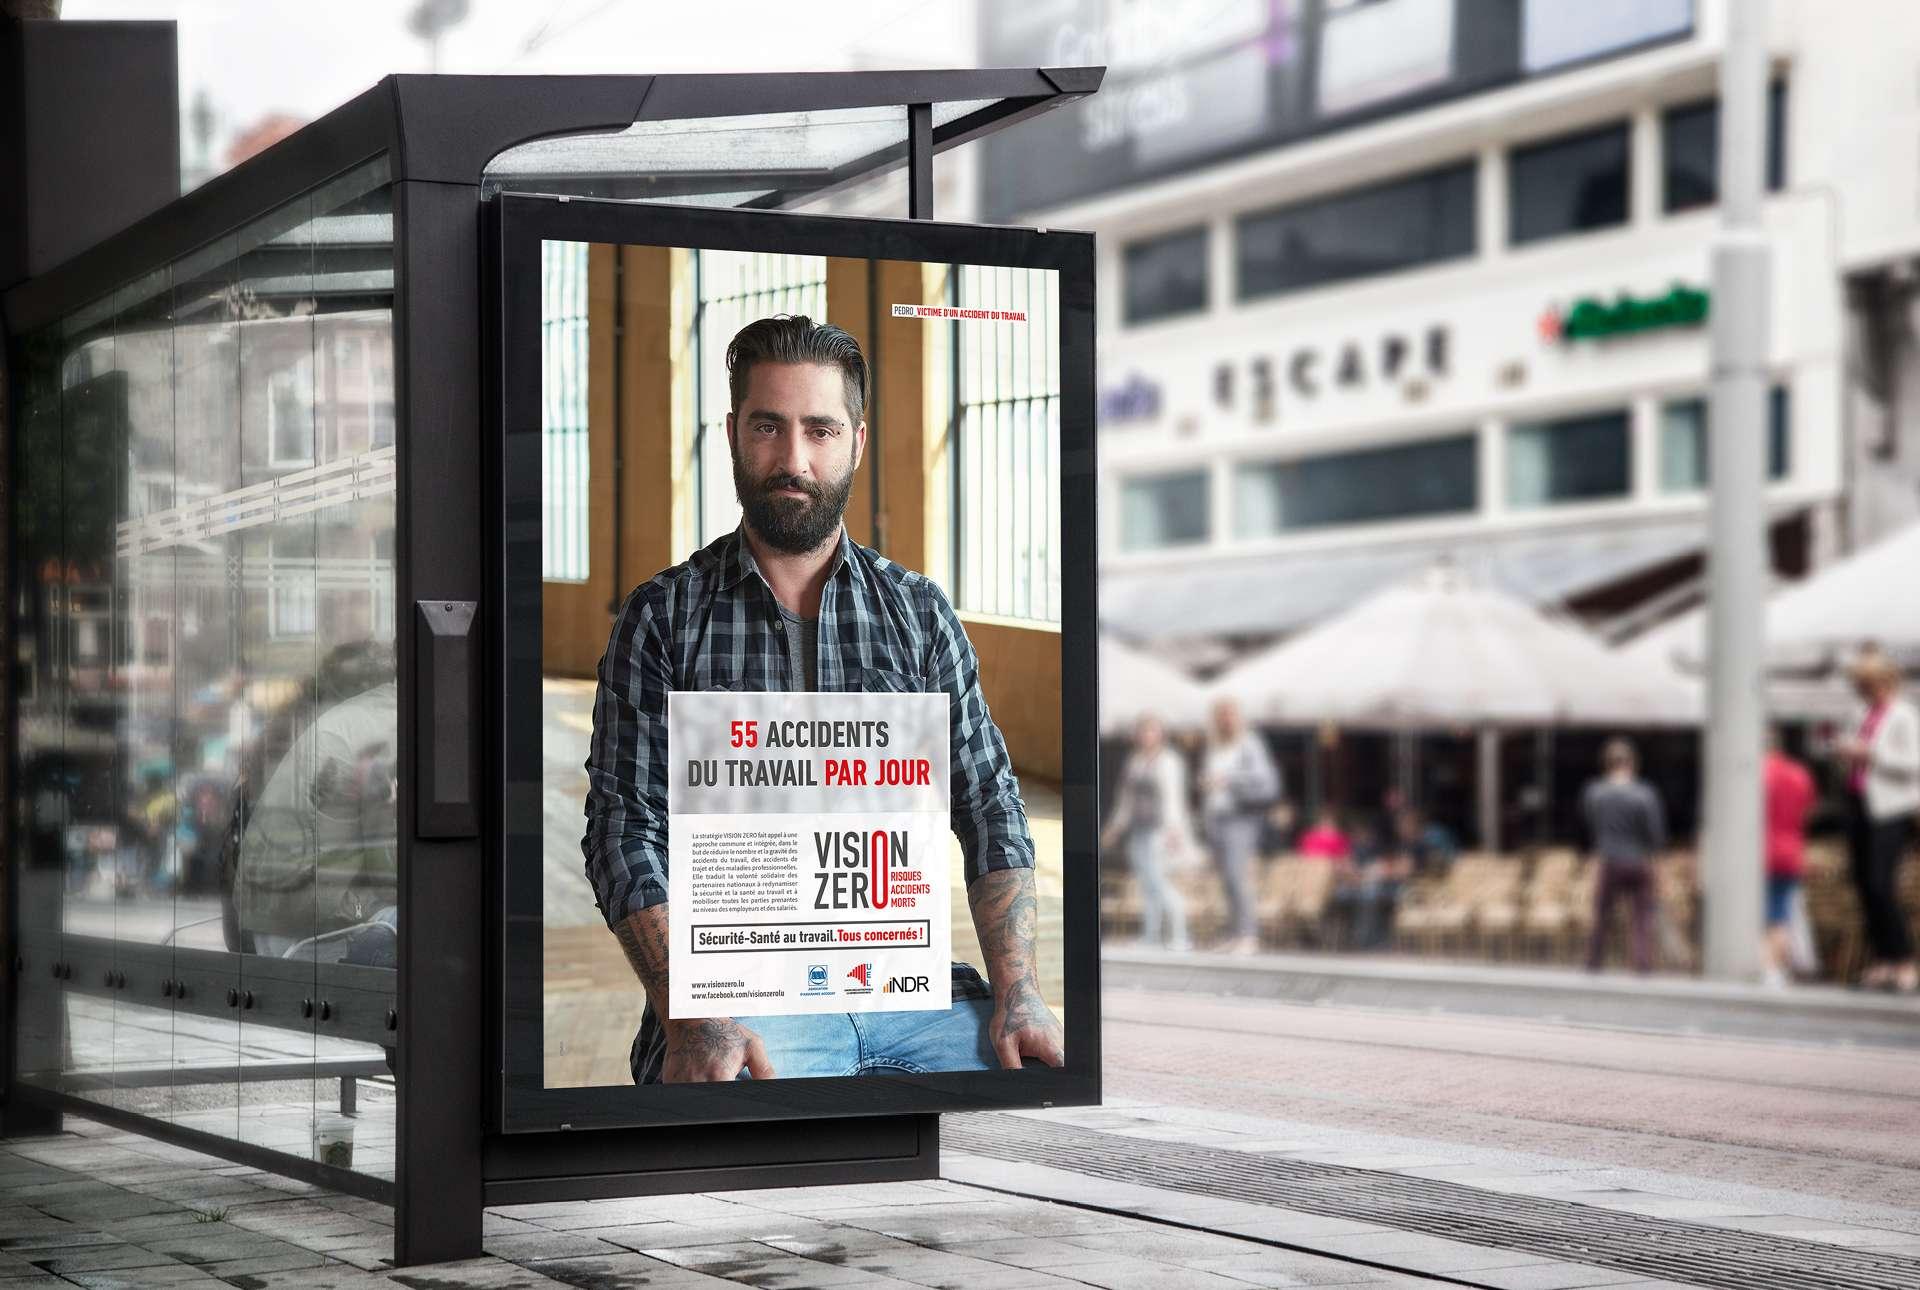 Affichage abribus de la campagne Vision 0 visant à sensibiliser et réduire le nombre d'accidents au travail